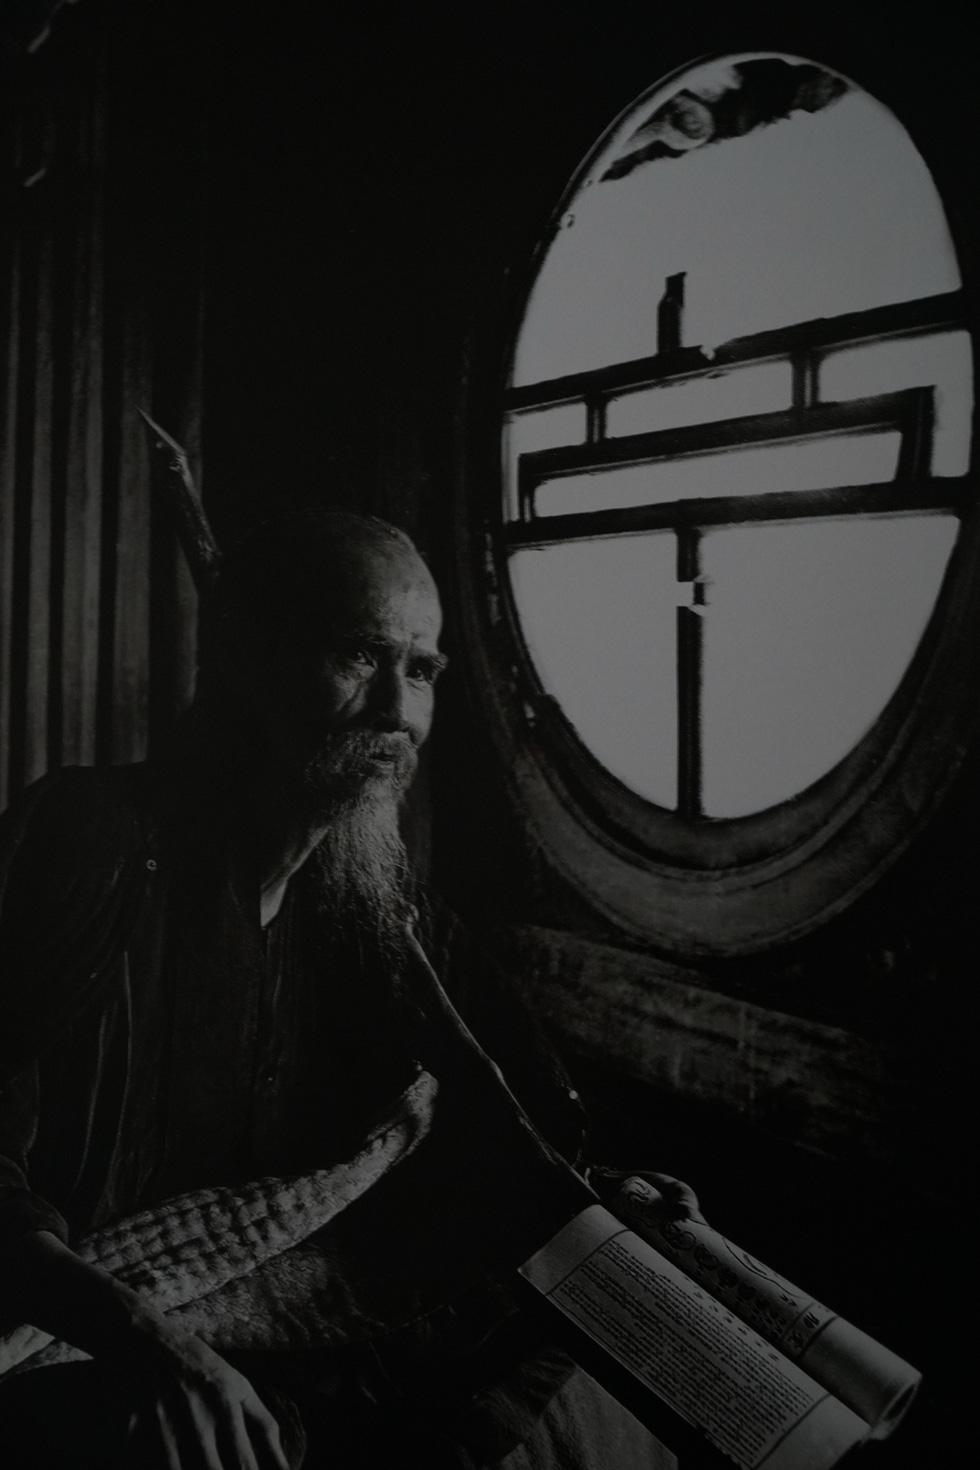 Vĩnh biệt đại thụ Nguyễn Mạnh Đan, người viết sử bằng ảnh 2 thế kỉ - Ảnh 5.